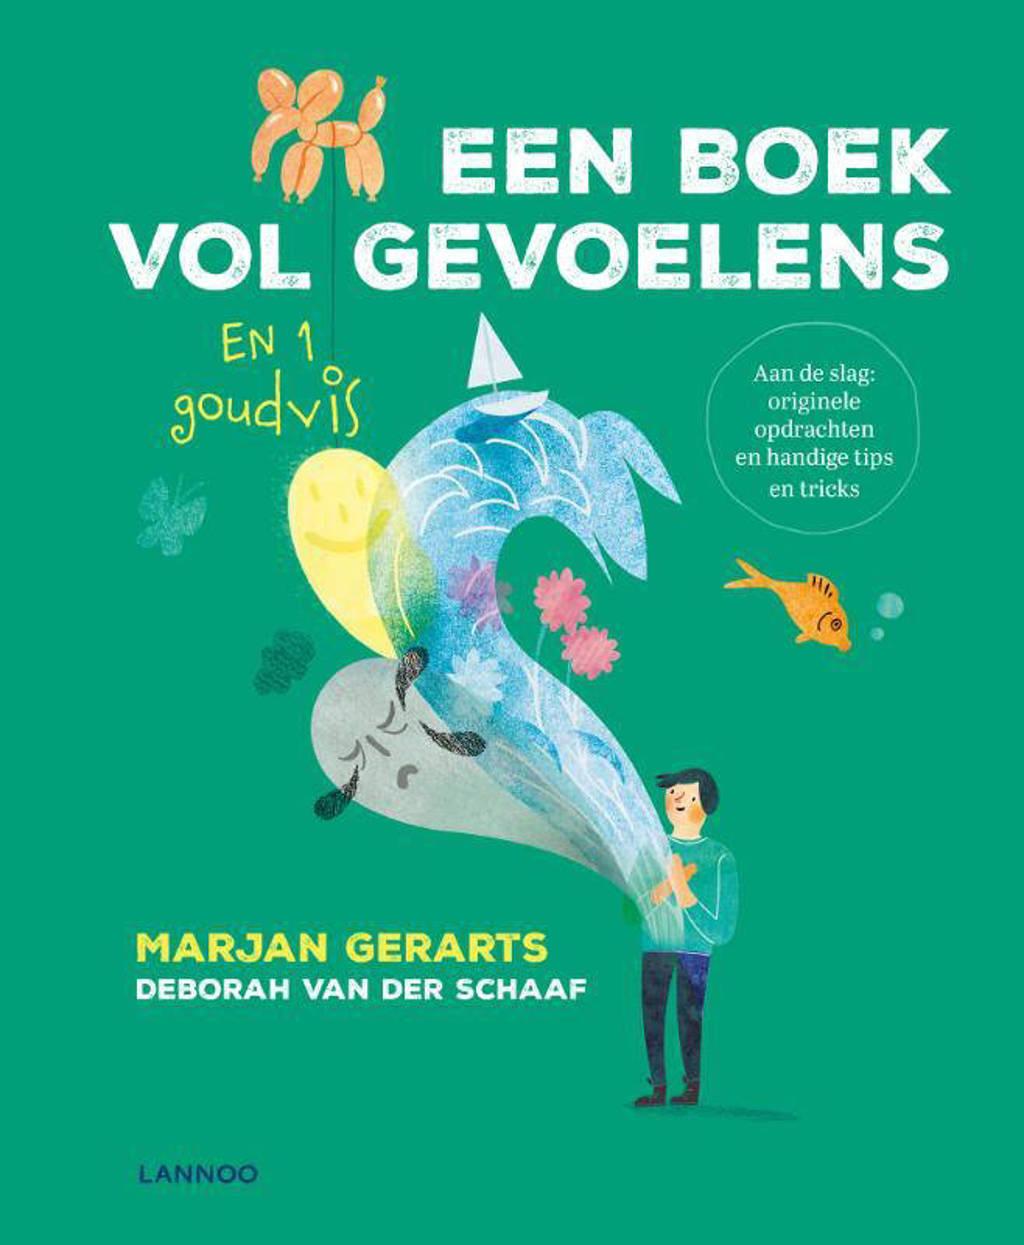 Een boek vol gevoelens en 1 goudvis - Marjan Gerarts en Deborah van der Schaaf